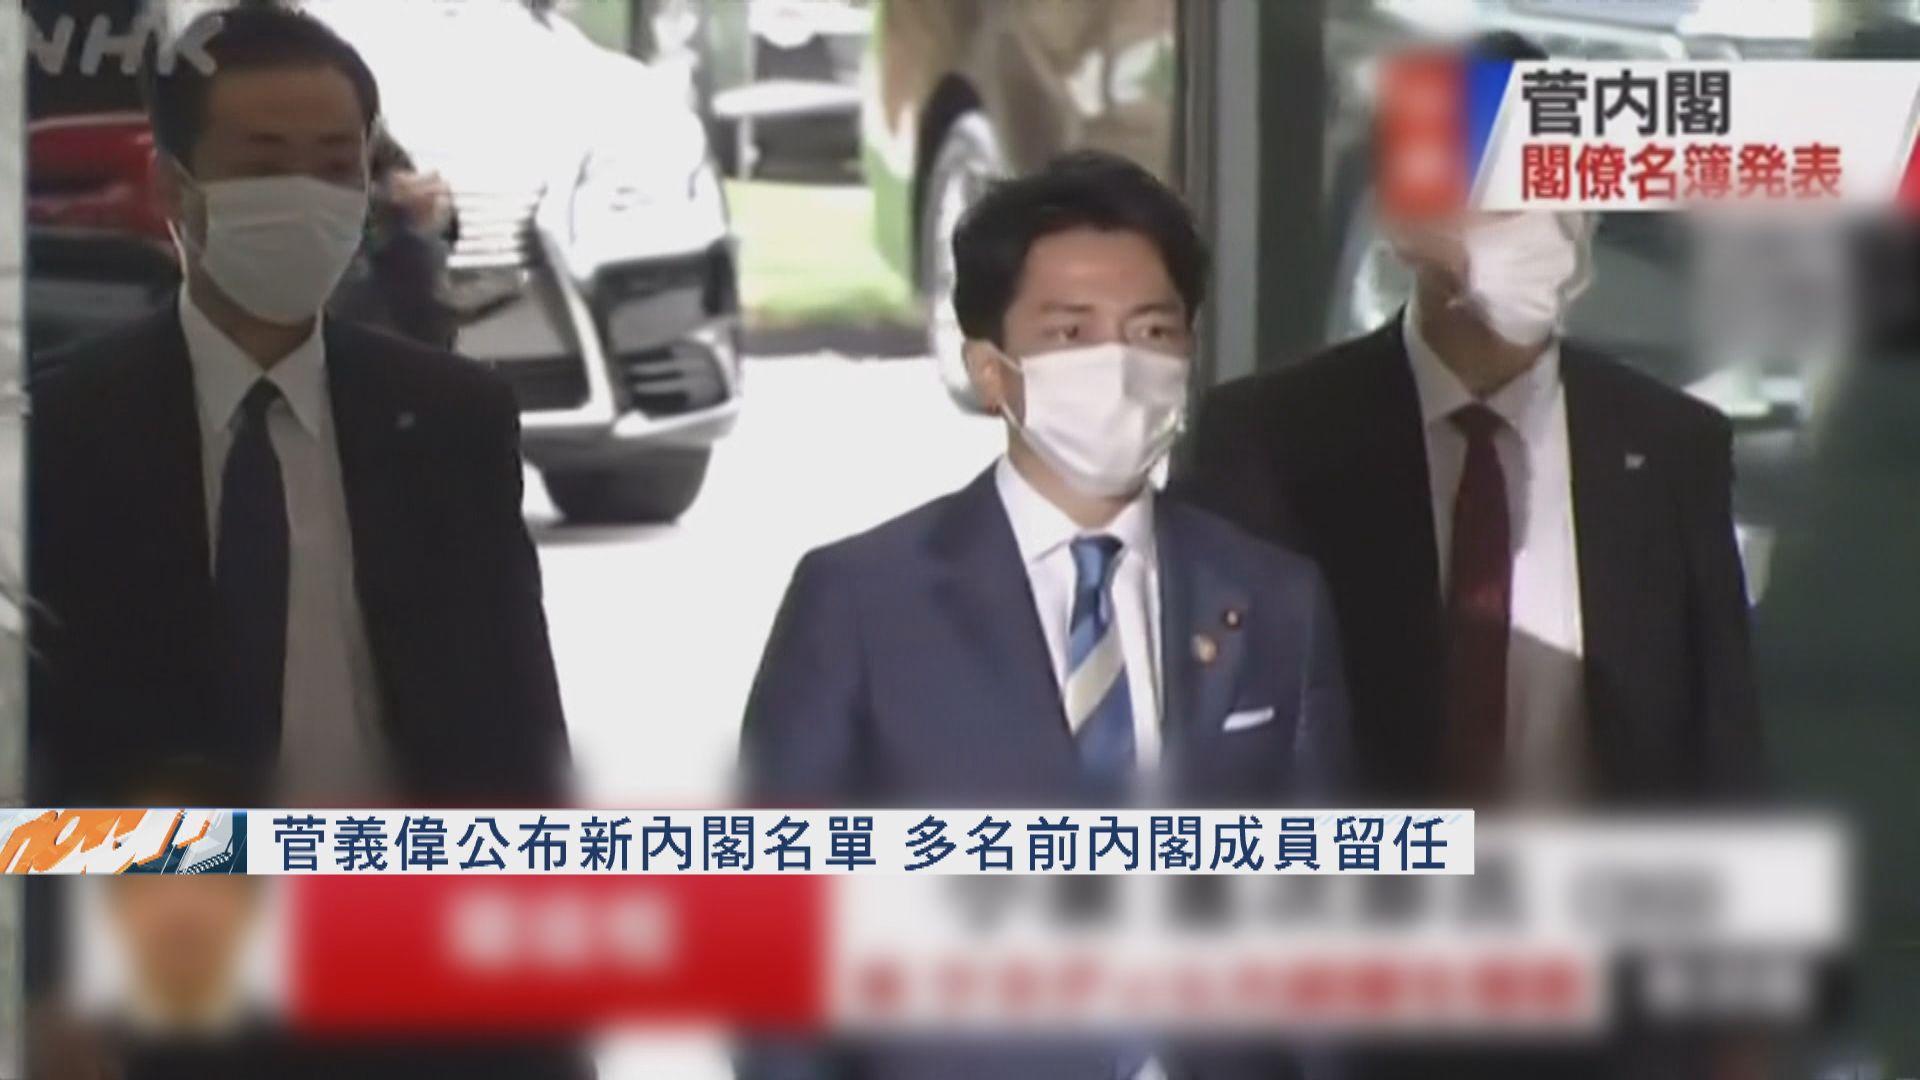 菅義偉公布新內閣名單 多名前內閣成員留任